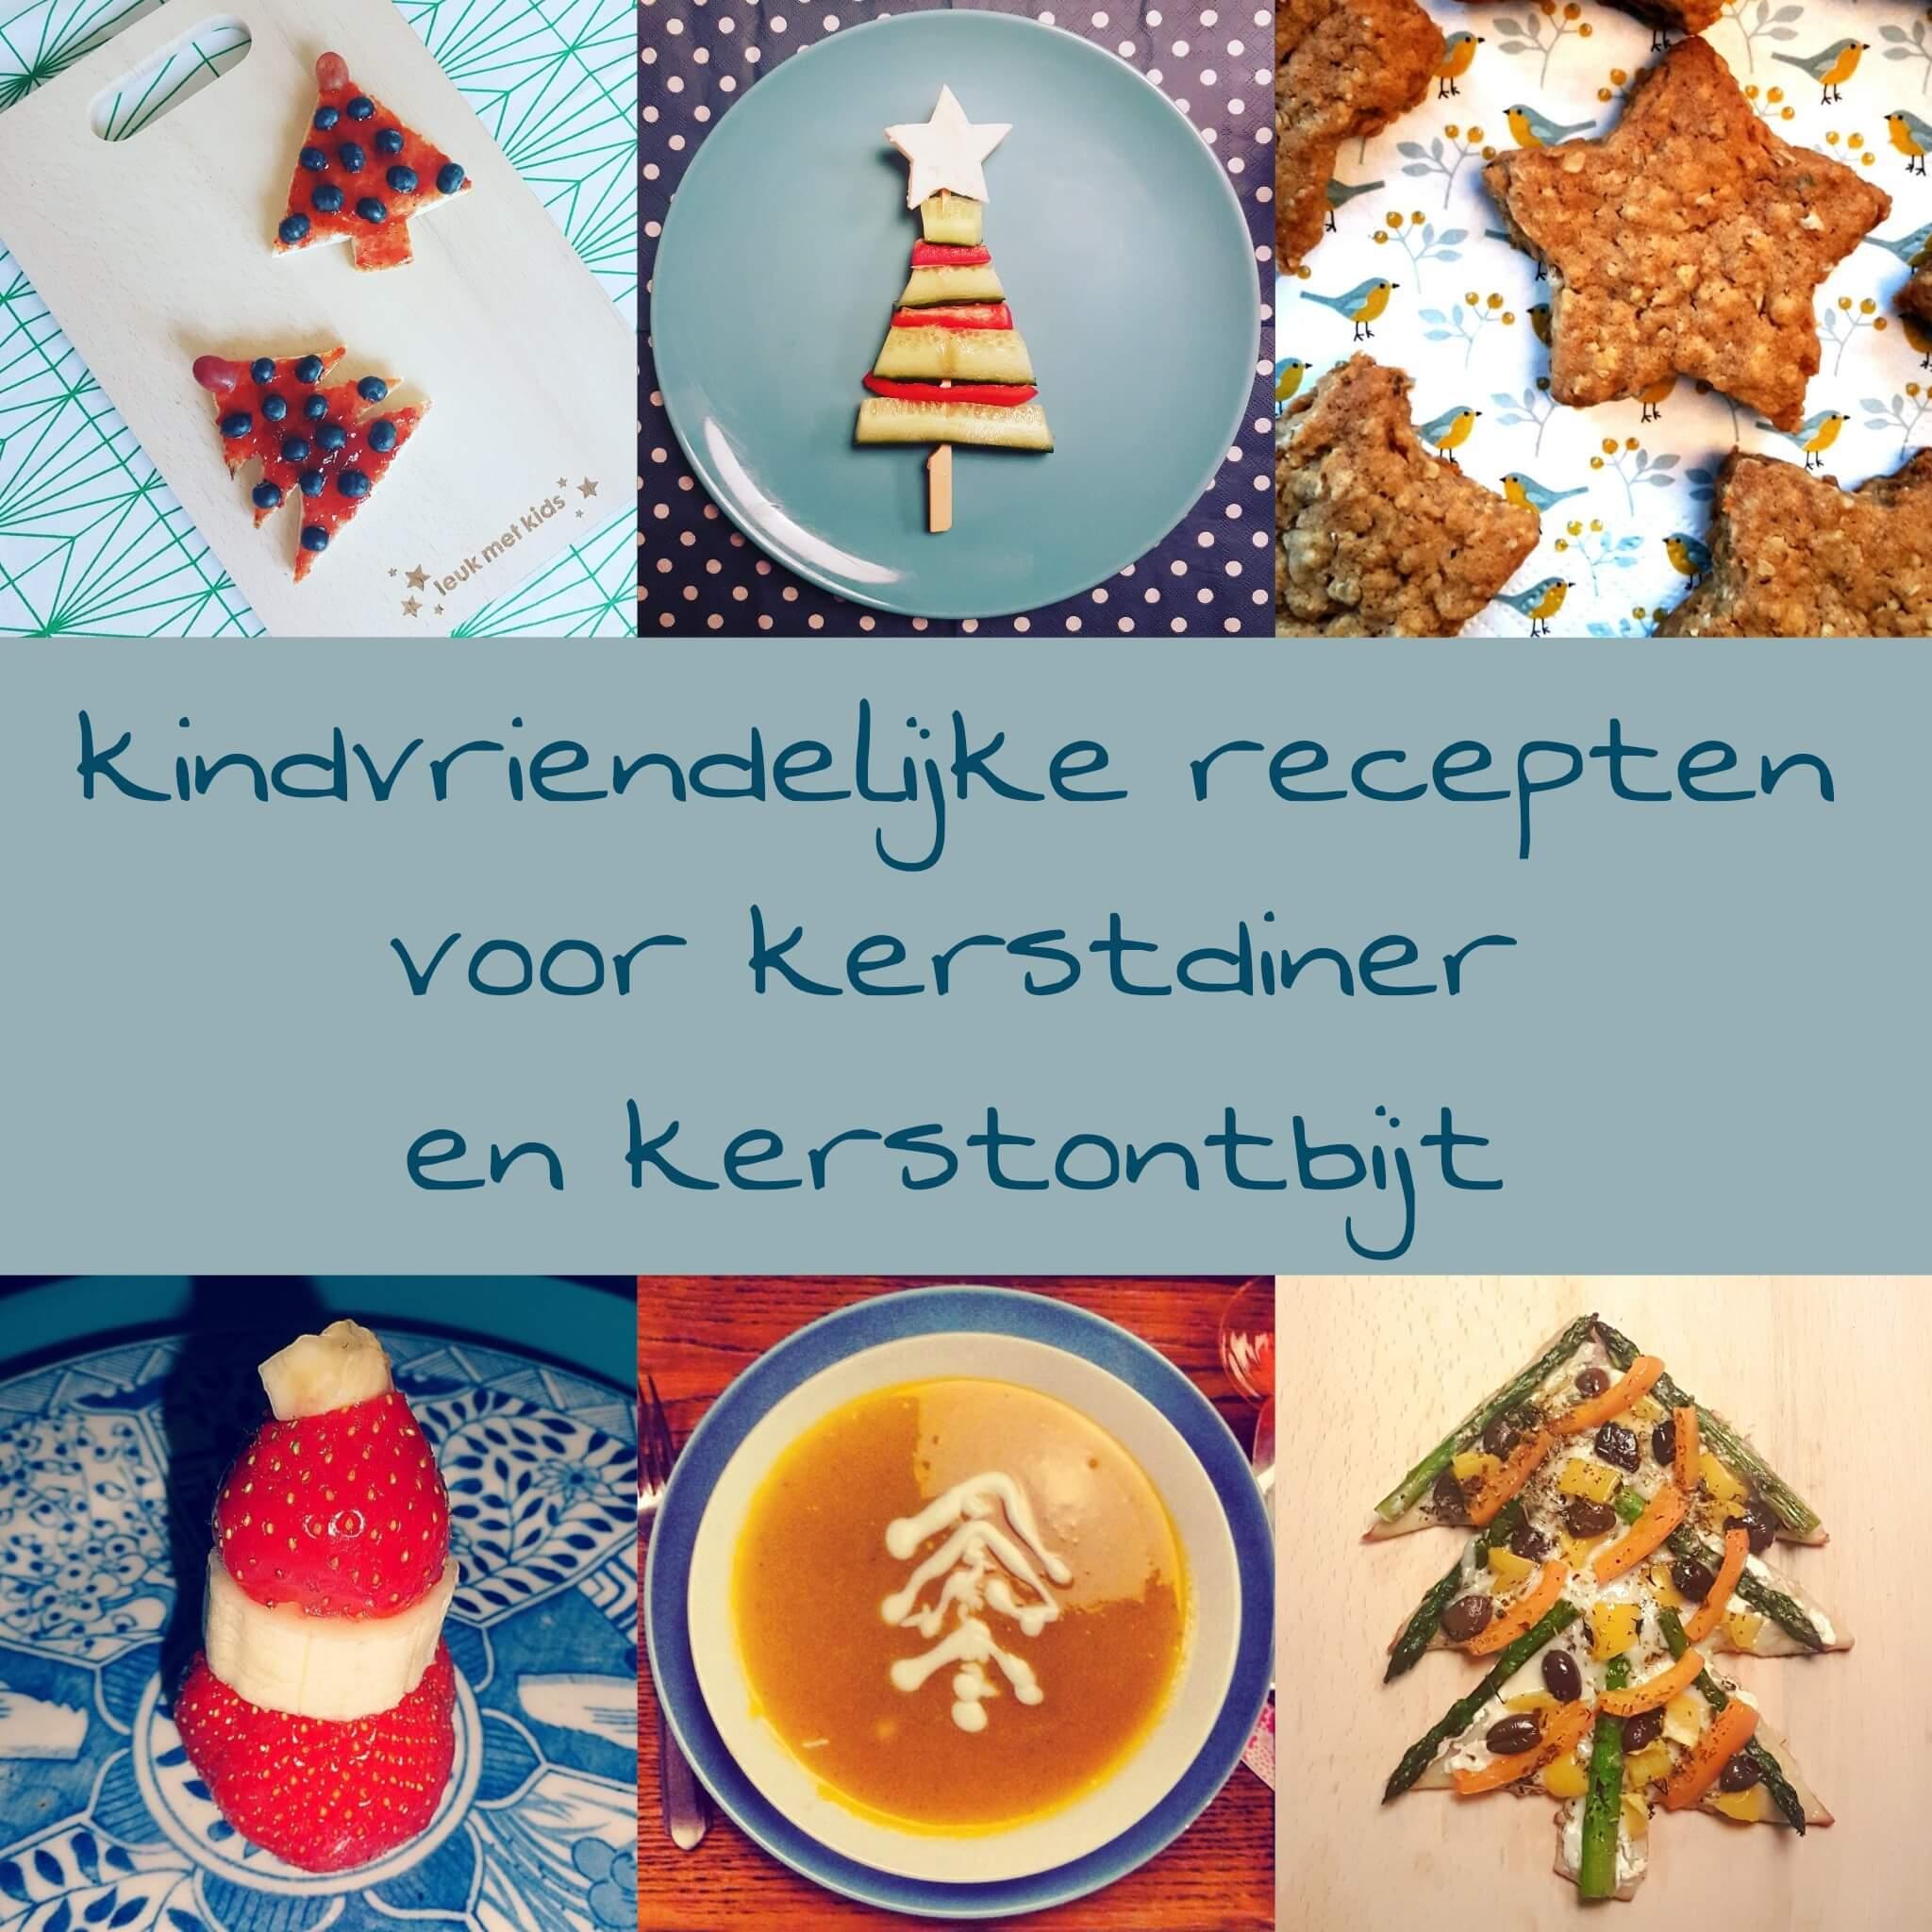 De leukste kindvriendelijke recepten voor kerstdiner en kerstontbijt - op school en thuis